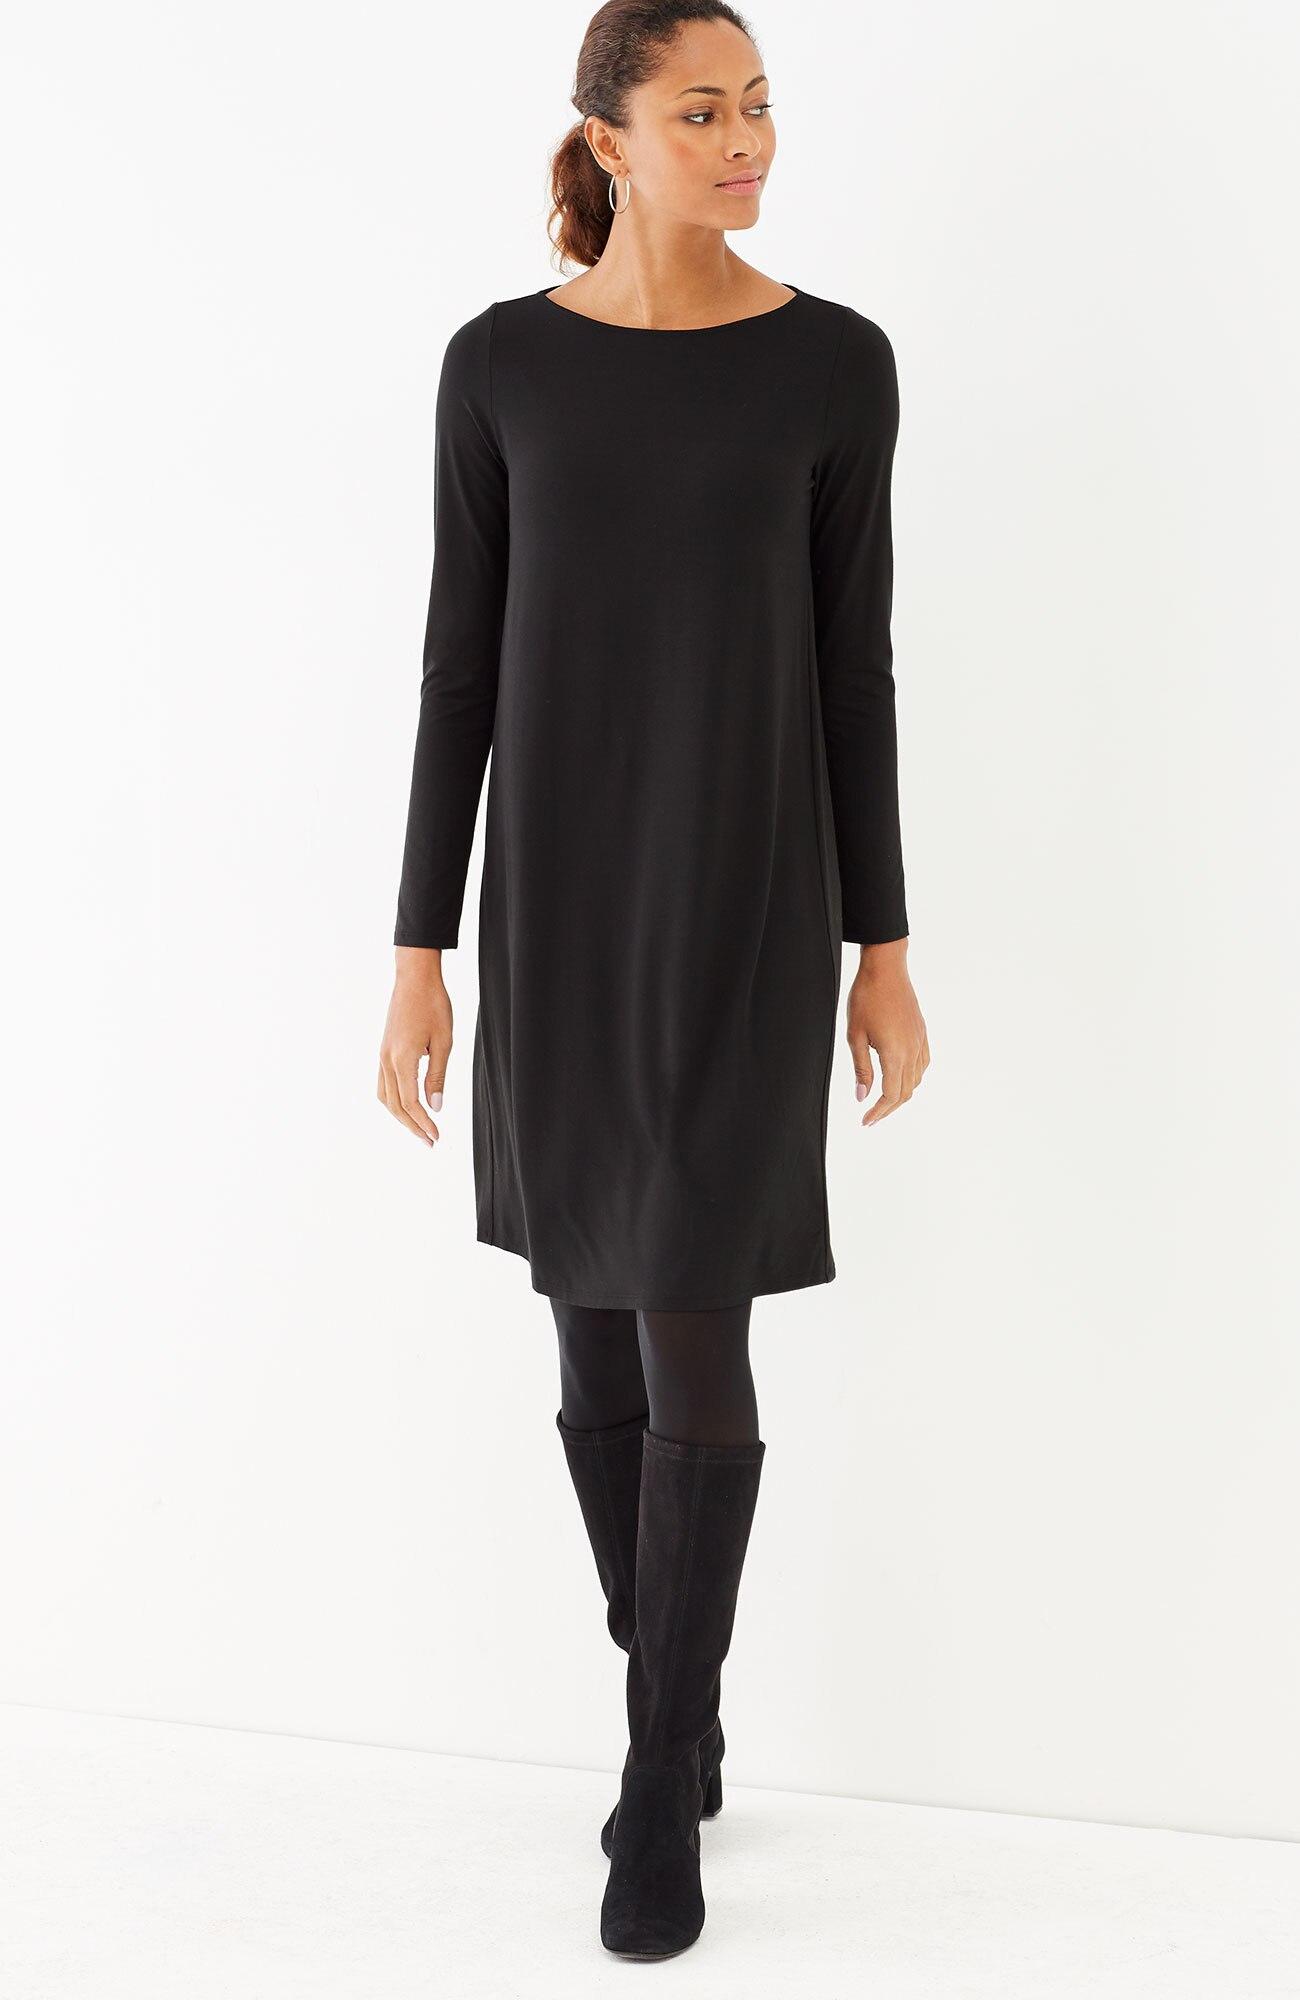 Wearever long-sleeve back-pleat dress